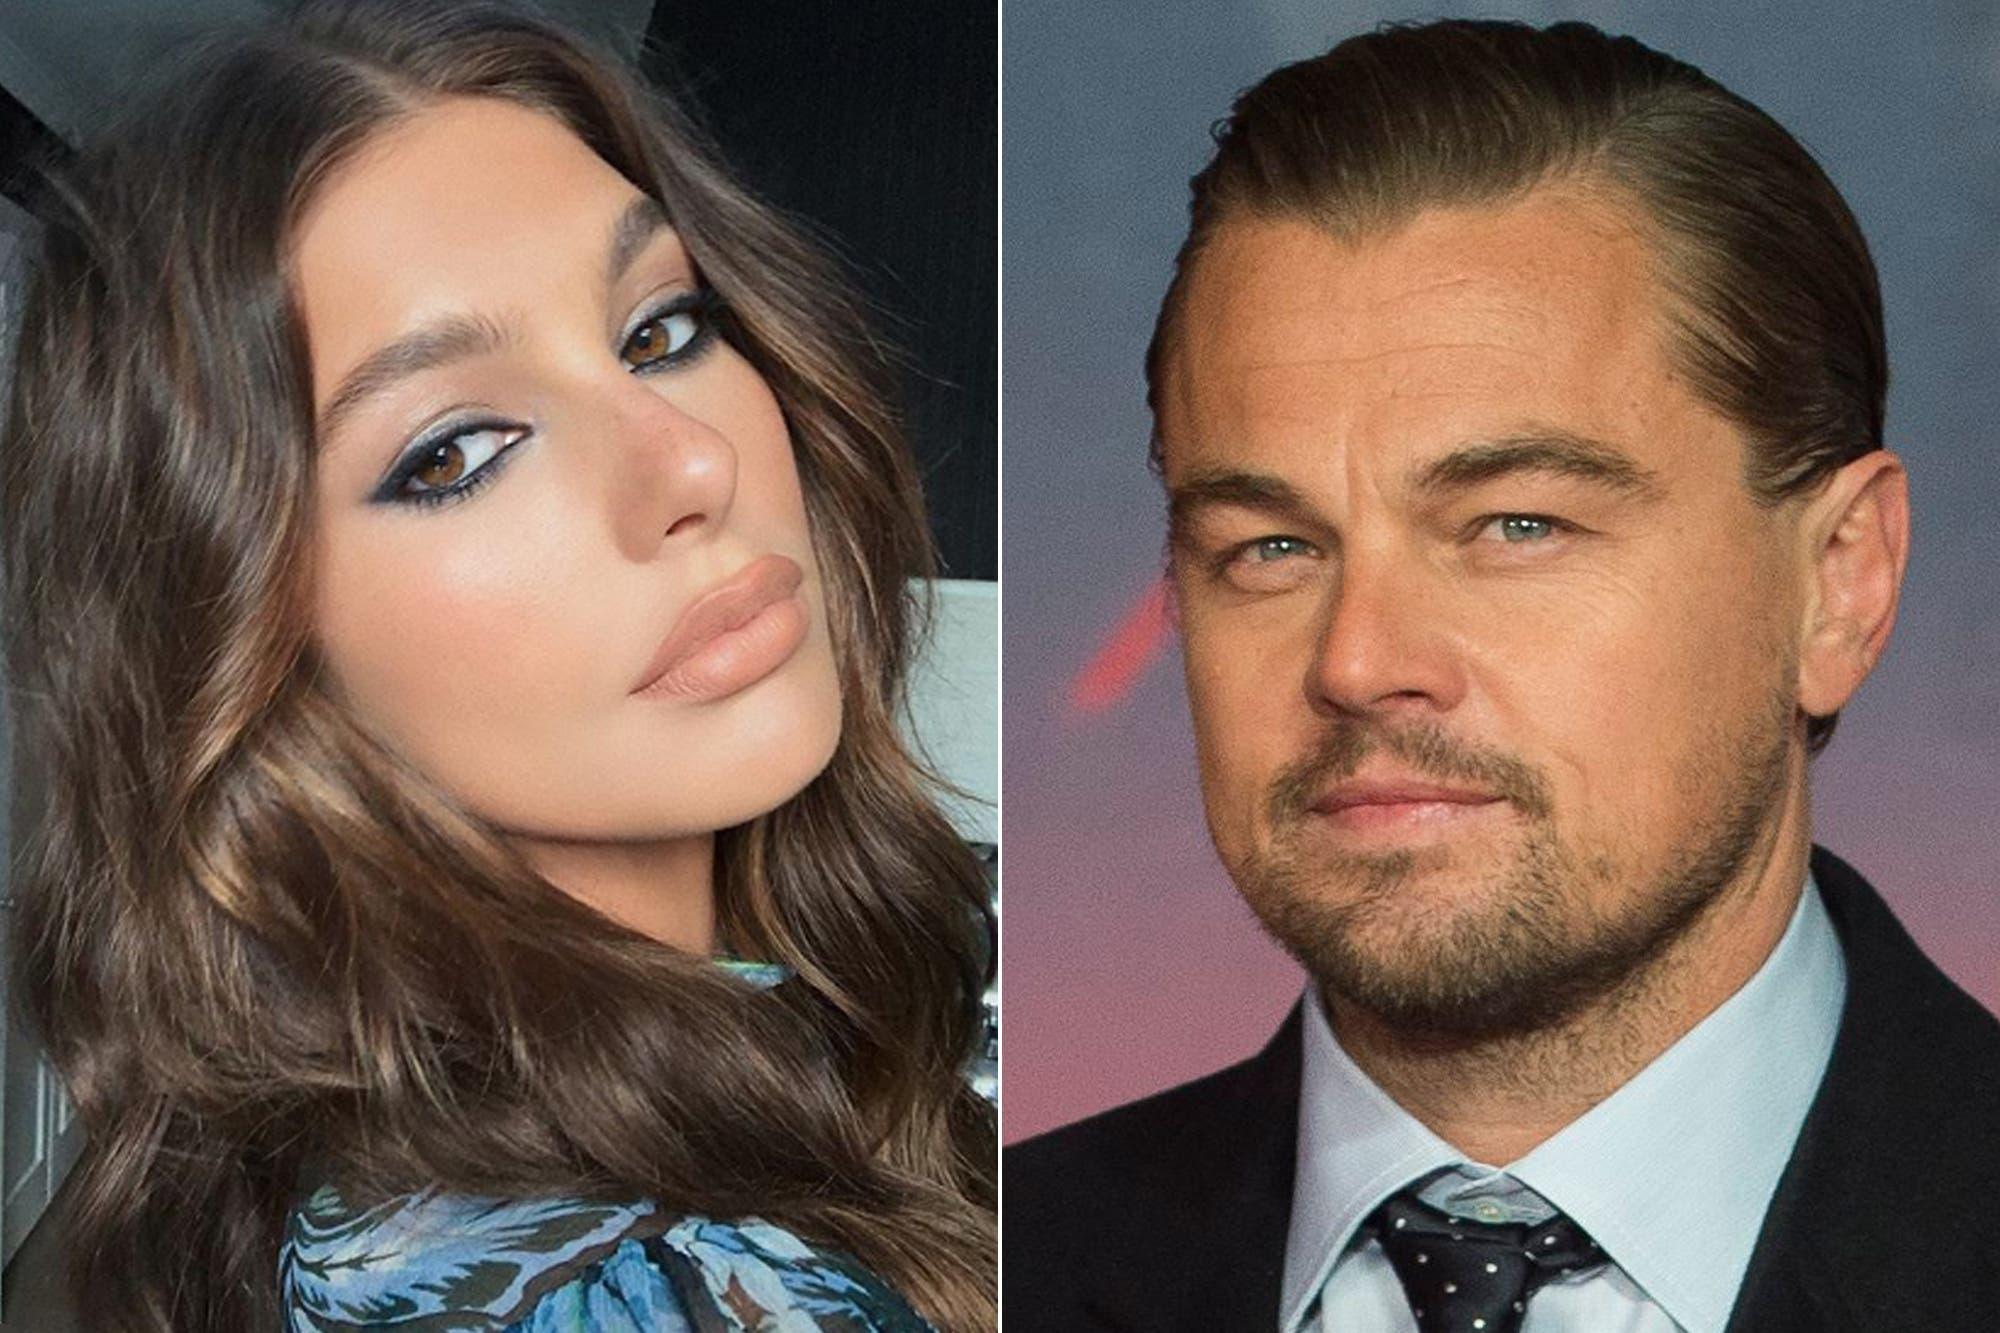 La argentina Camila Morrone habló por primera vez sobre su relación con Leonardo DiCaprio